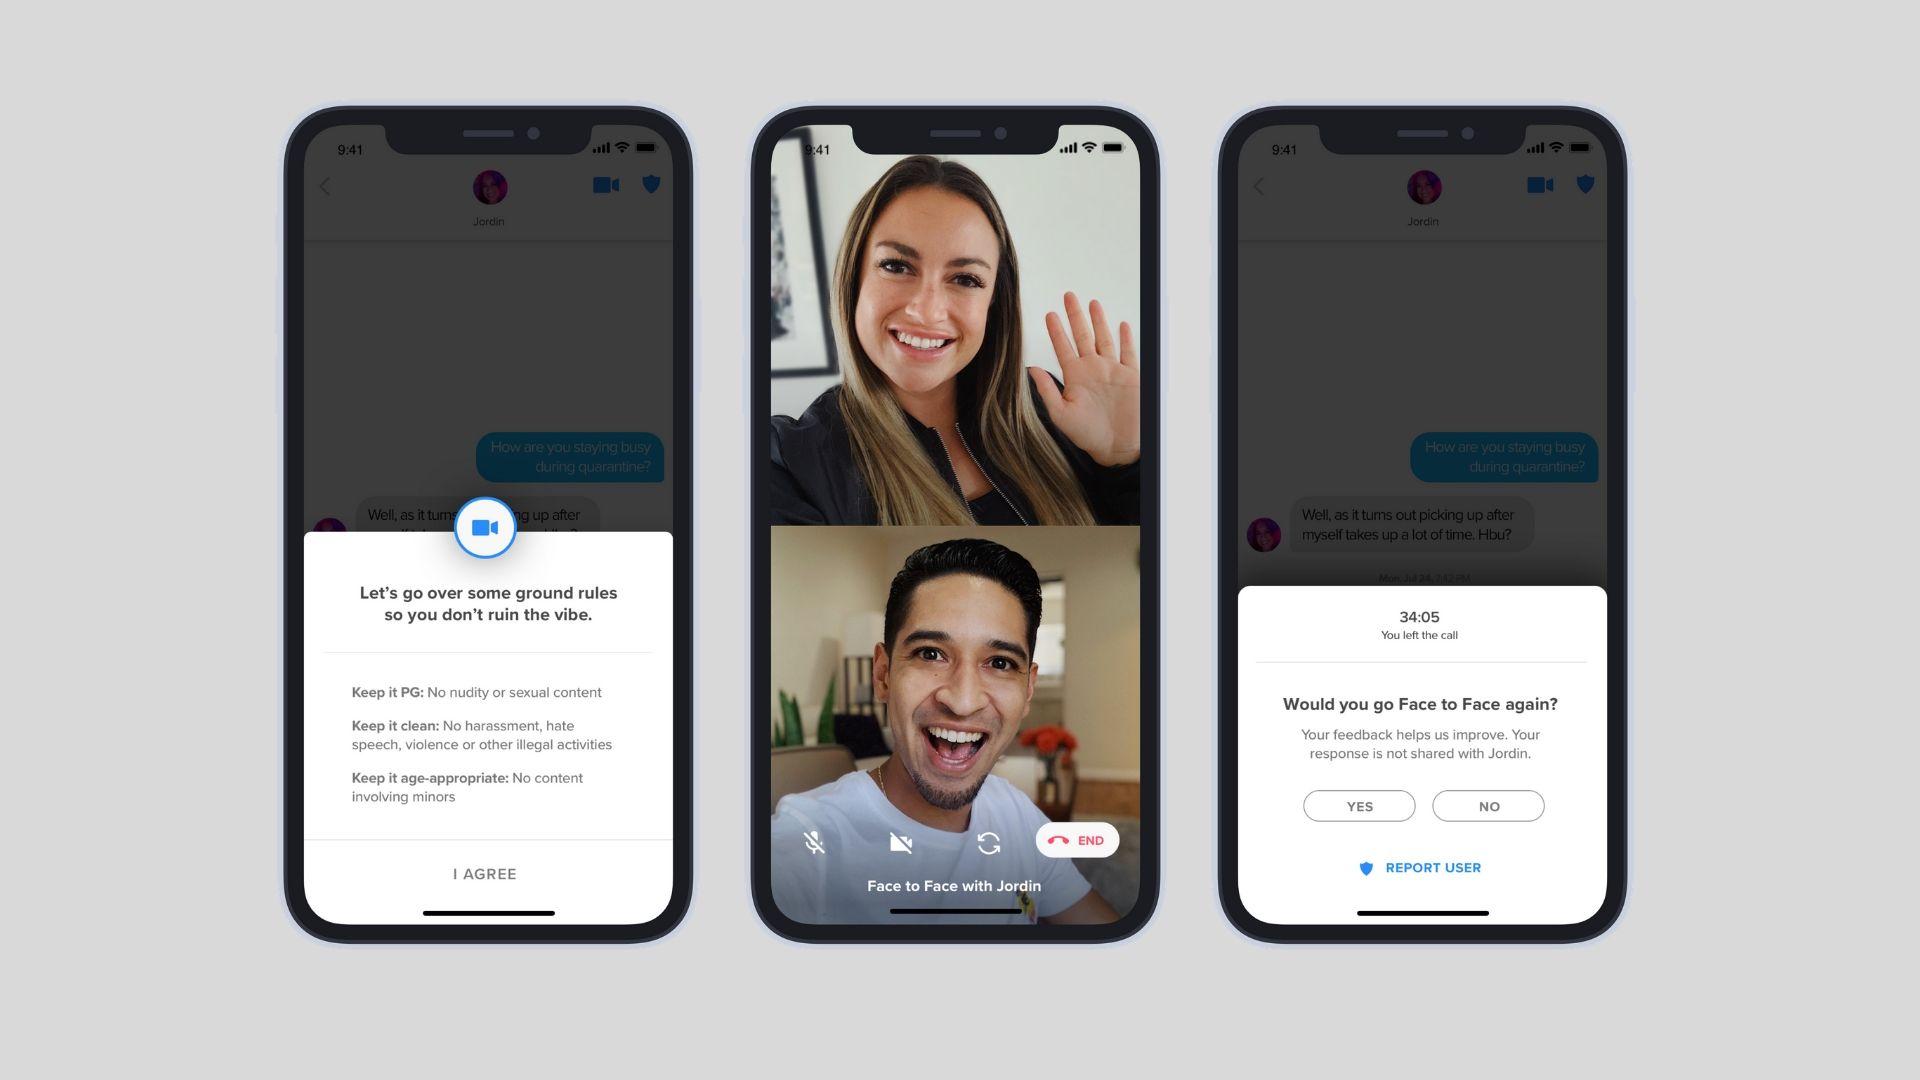 Tinder testet Videochat in ausgewählten Märkten (😏)